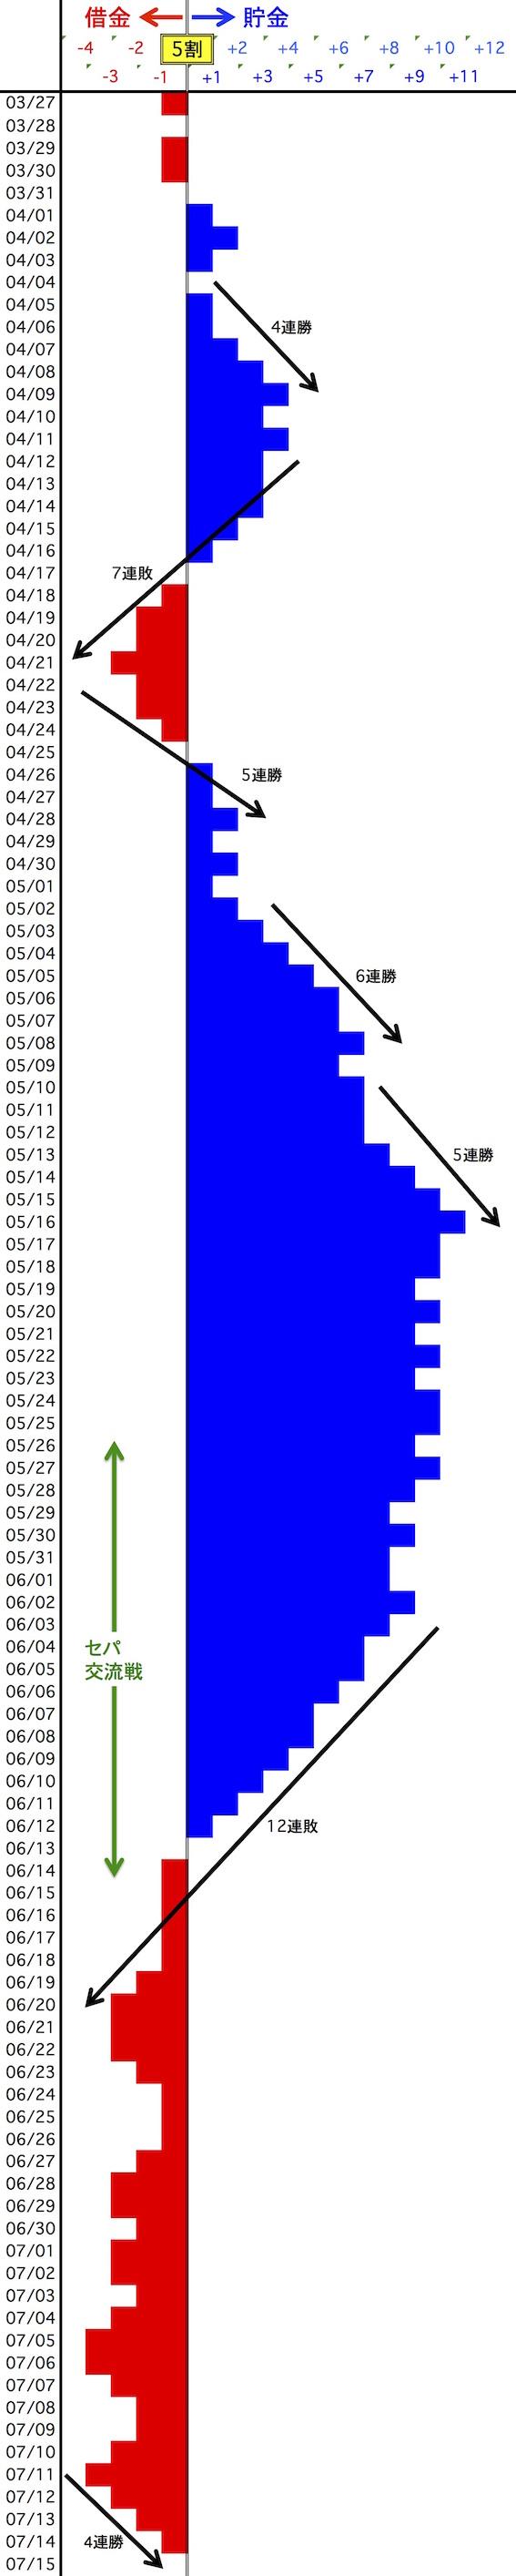 横浜の貯金借金の図